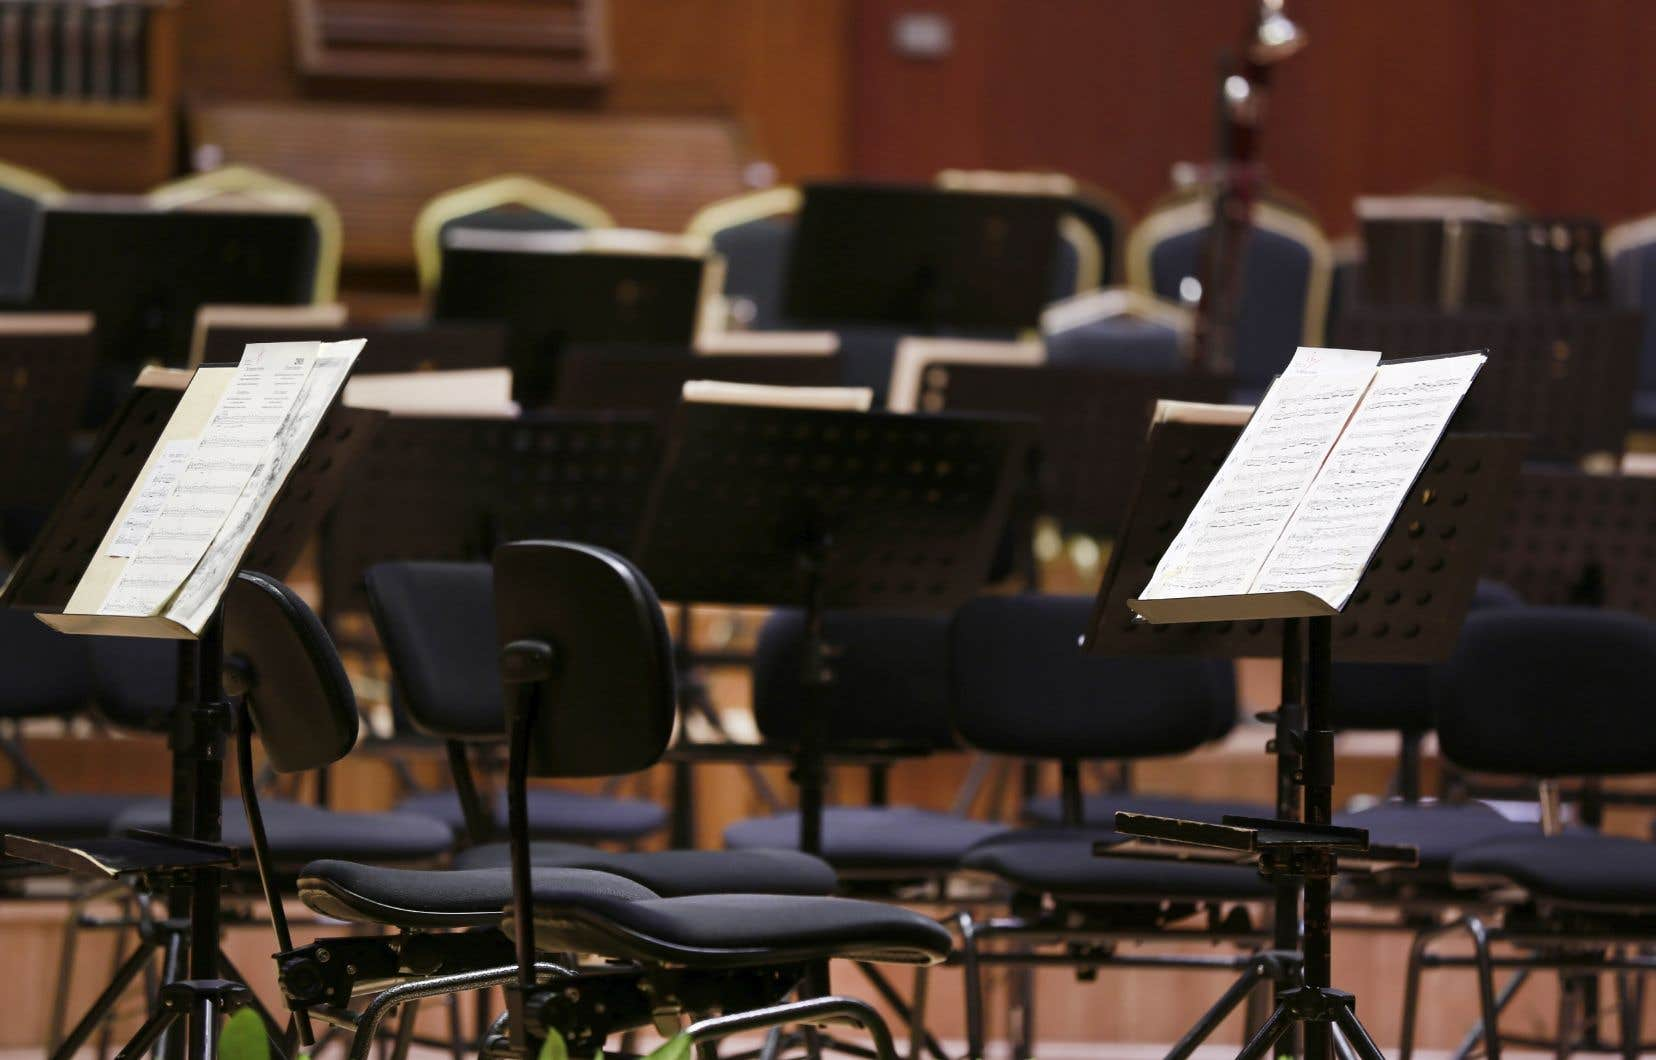 Parmi les gros points d'interrogation du futur, comme le note Alexandra Scheibler du Festival Bach, il y a les tournées des artistes internationaux, la viabilité des tournées partagées entre plusieurs pays, la crainte de la solvabilité des présentateurs.